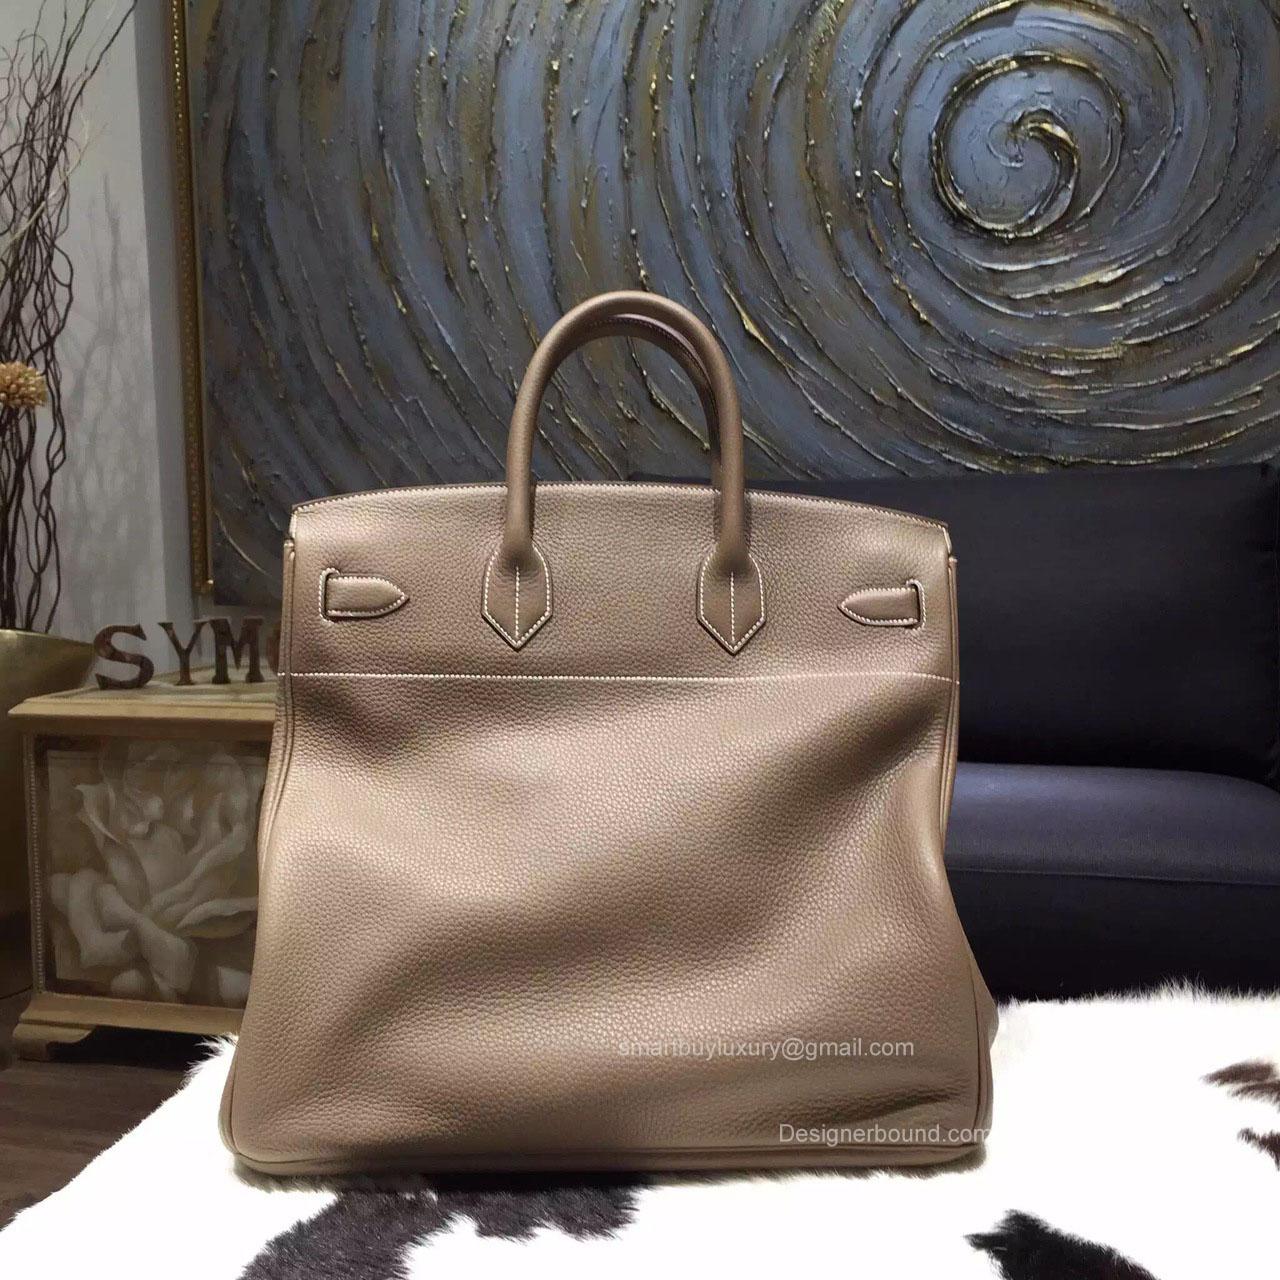 Hermes Birkin Hac 40 Bag Etoupe ck18 Togo Leather Handstitched ...